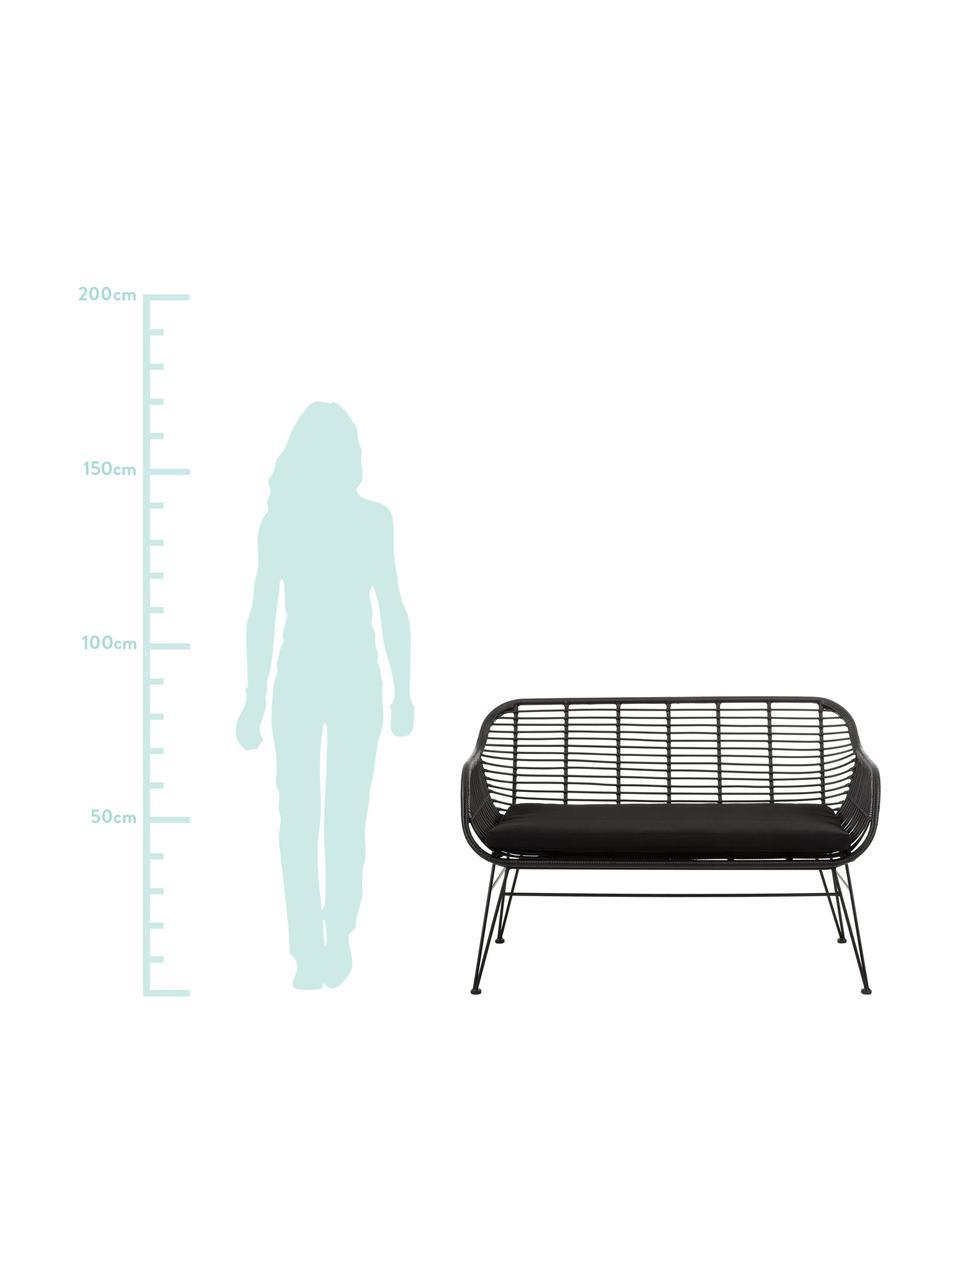 Polyrattan-Sitzbank Costa, Sitzfläche: Polyethylen-Geflecht, Gestell: Metall, pulverbeschichtet, Schwarz, Schwarz, B 126 x T 68 cm